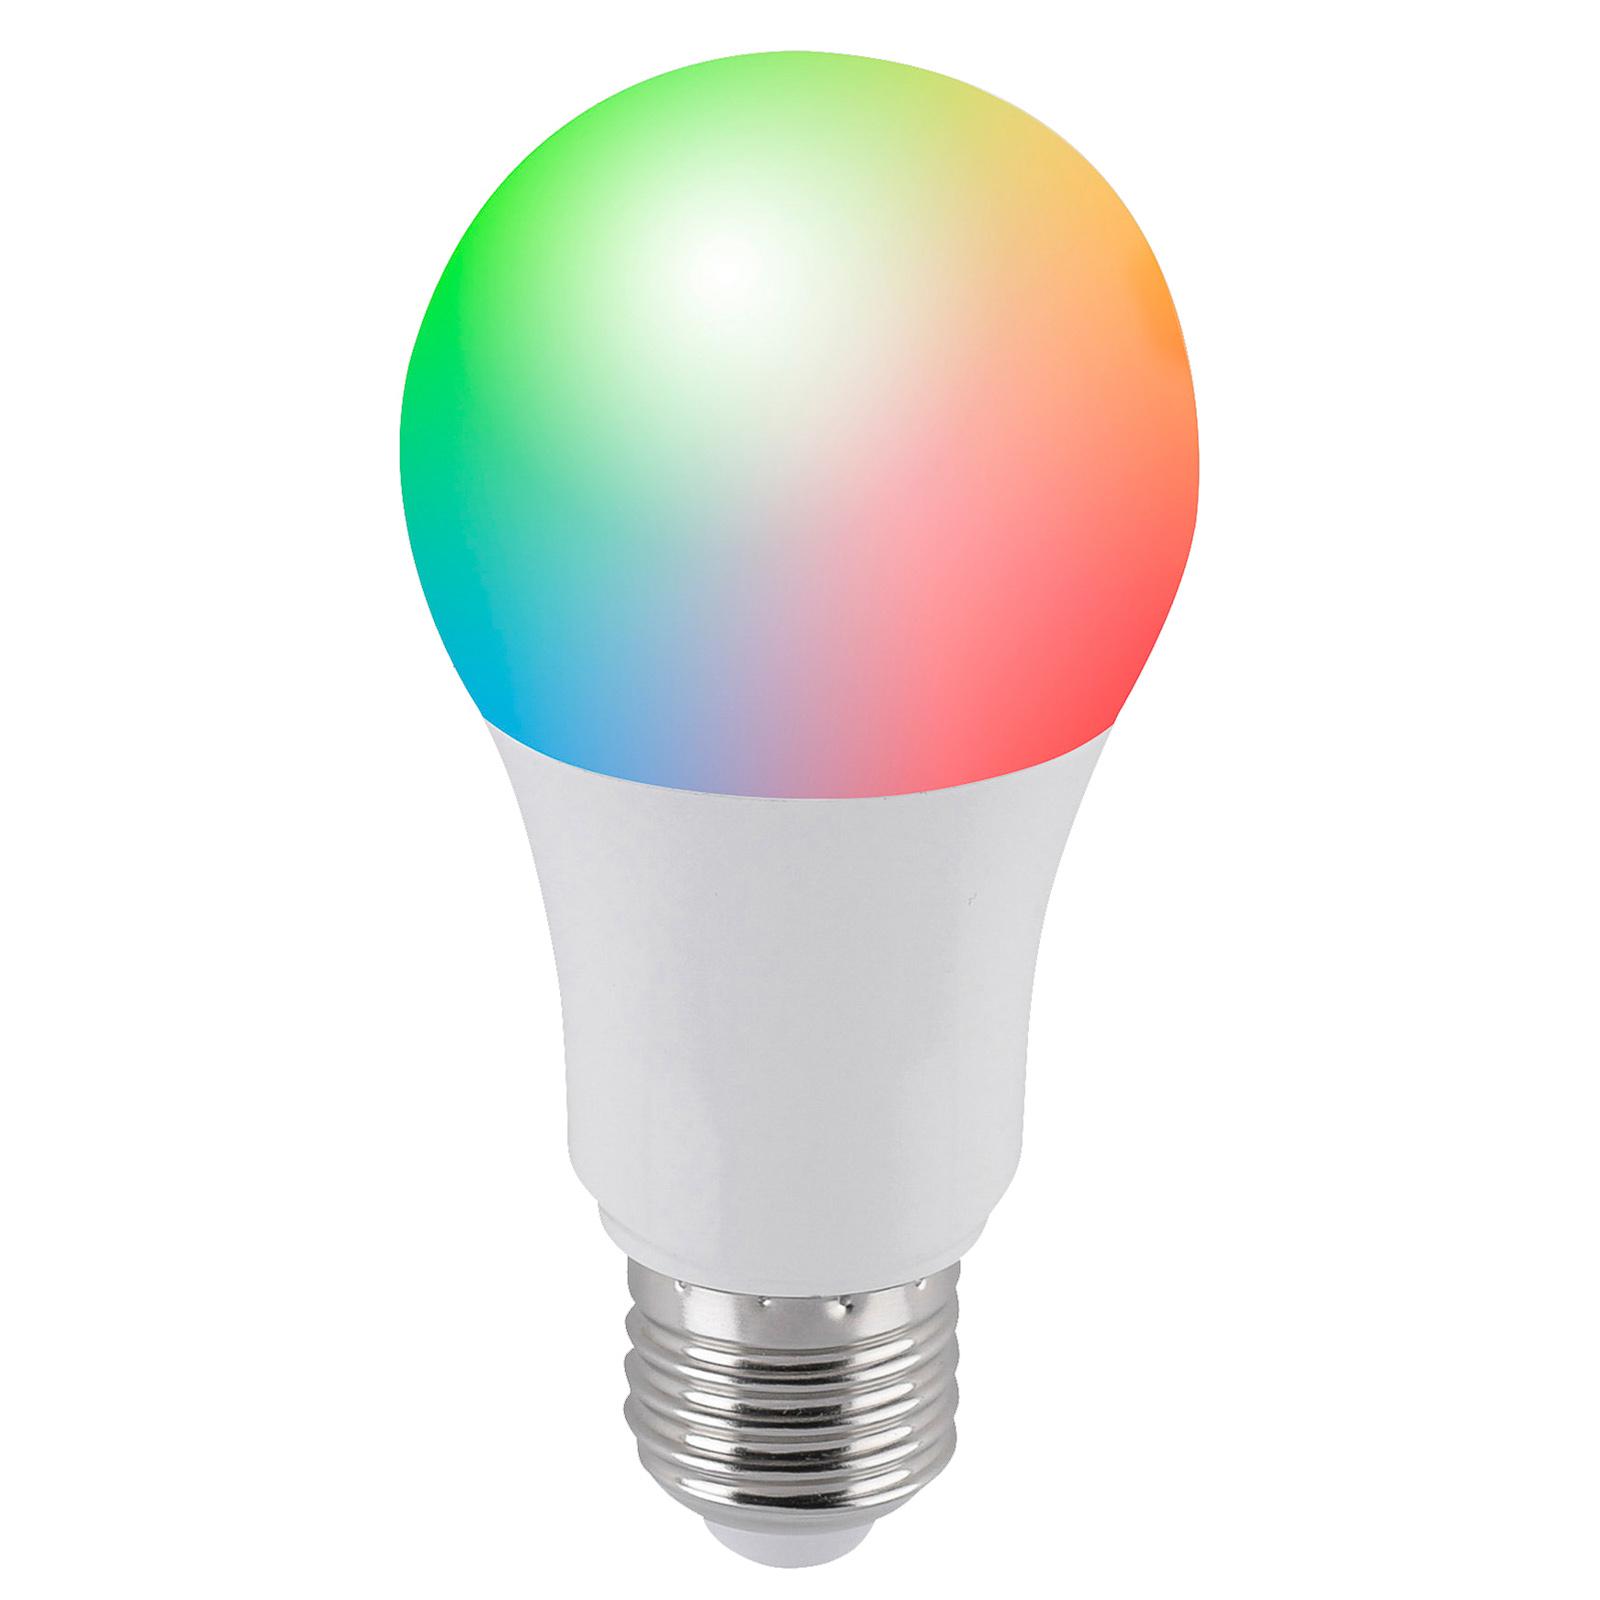 Q-LED lampadina smart E27 9,5 W, RGBW, estensione